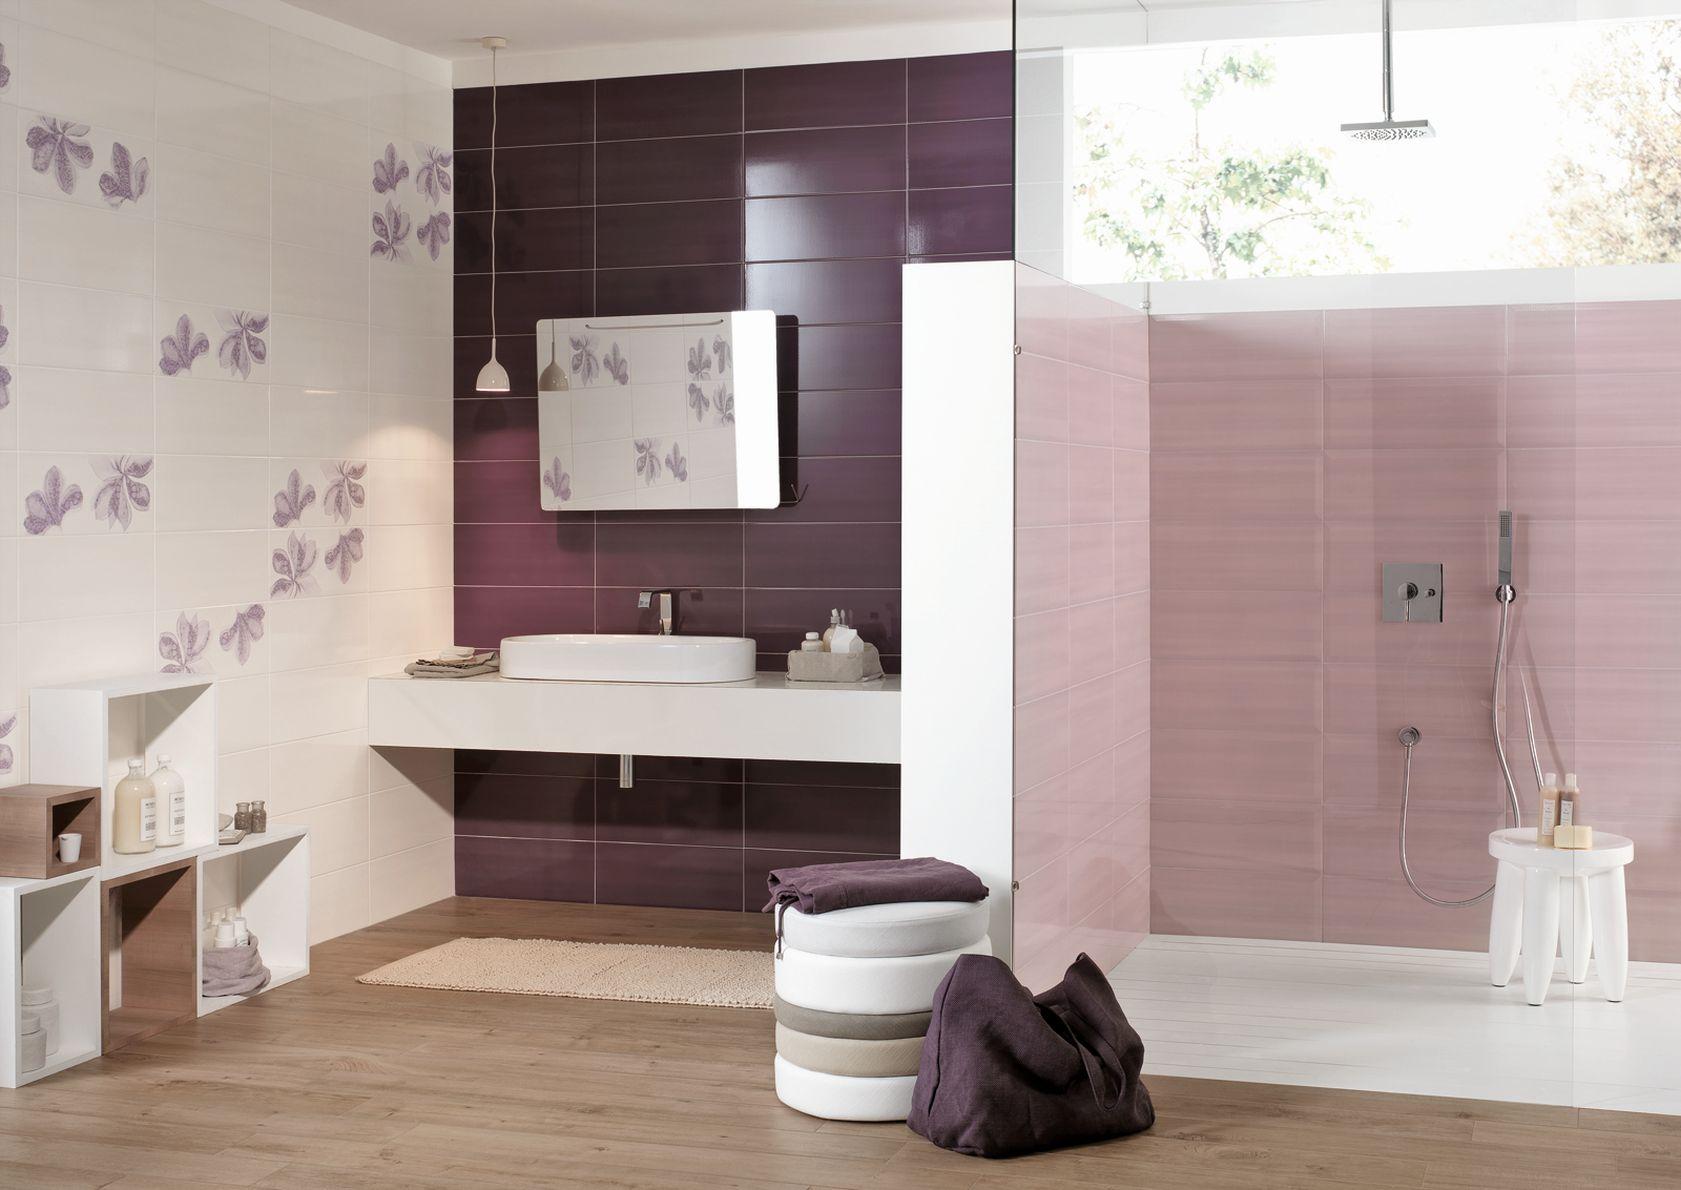 Piastrelle Bagno Mosaico Viola offerte piastrelle bagno palermo trapani agrigento sicilia